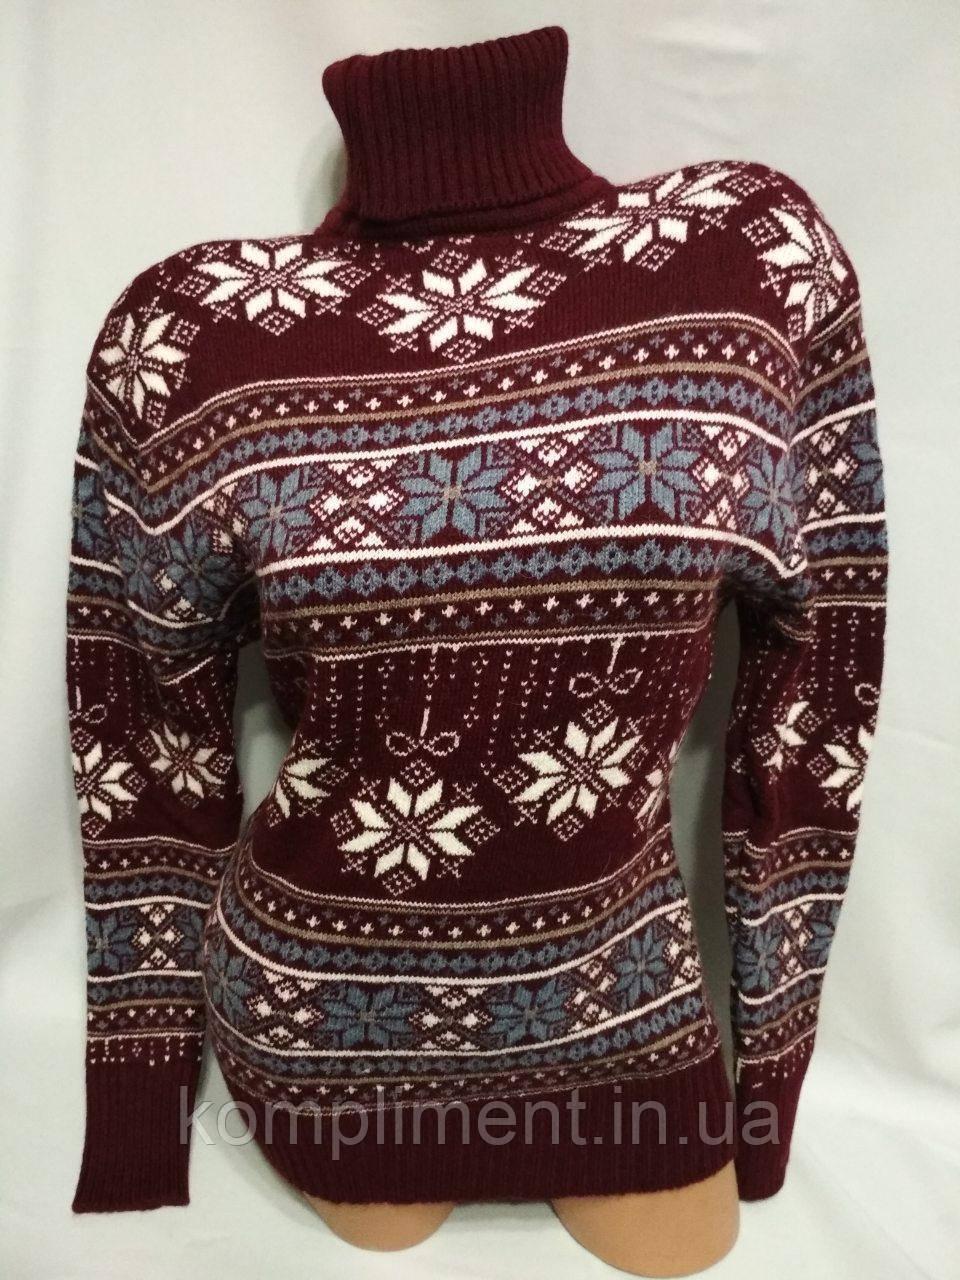 Жіночий вовняний светр з горлом зі сніжинками, бордовий. Туреччина.